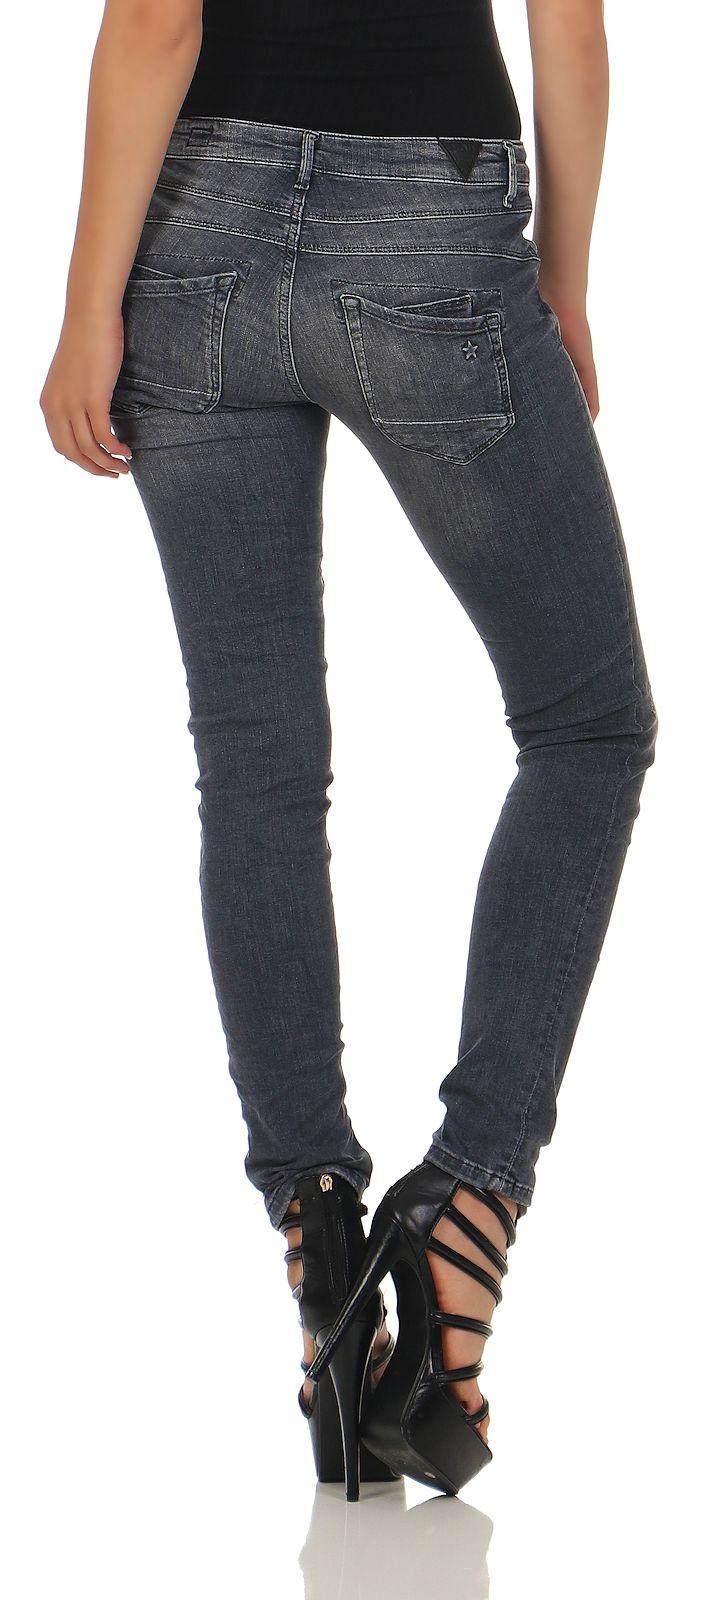 0877ab853bf6 x schliessen. x schliessen. x schliessen. x schliessen. Beschreibung.  modische Jeanshose für Damen  Slim Leg ...